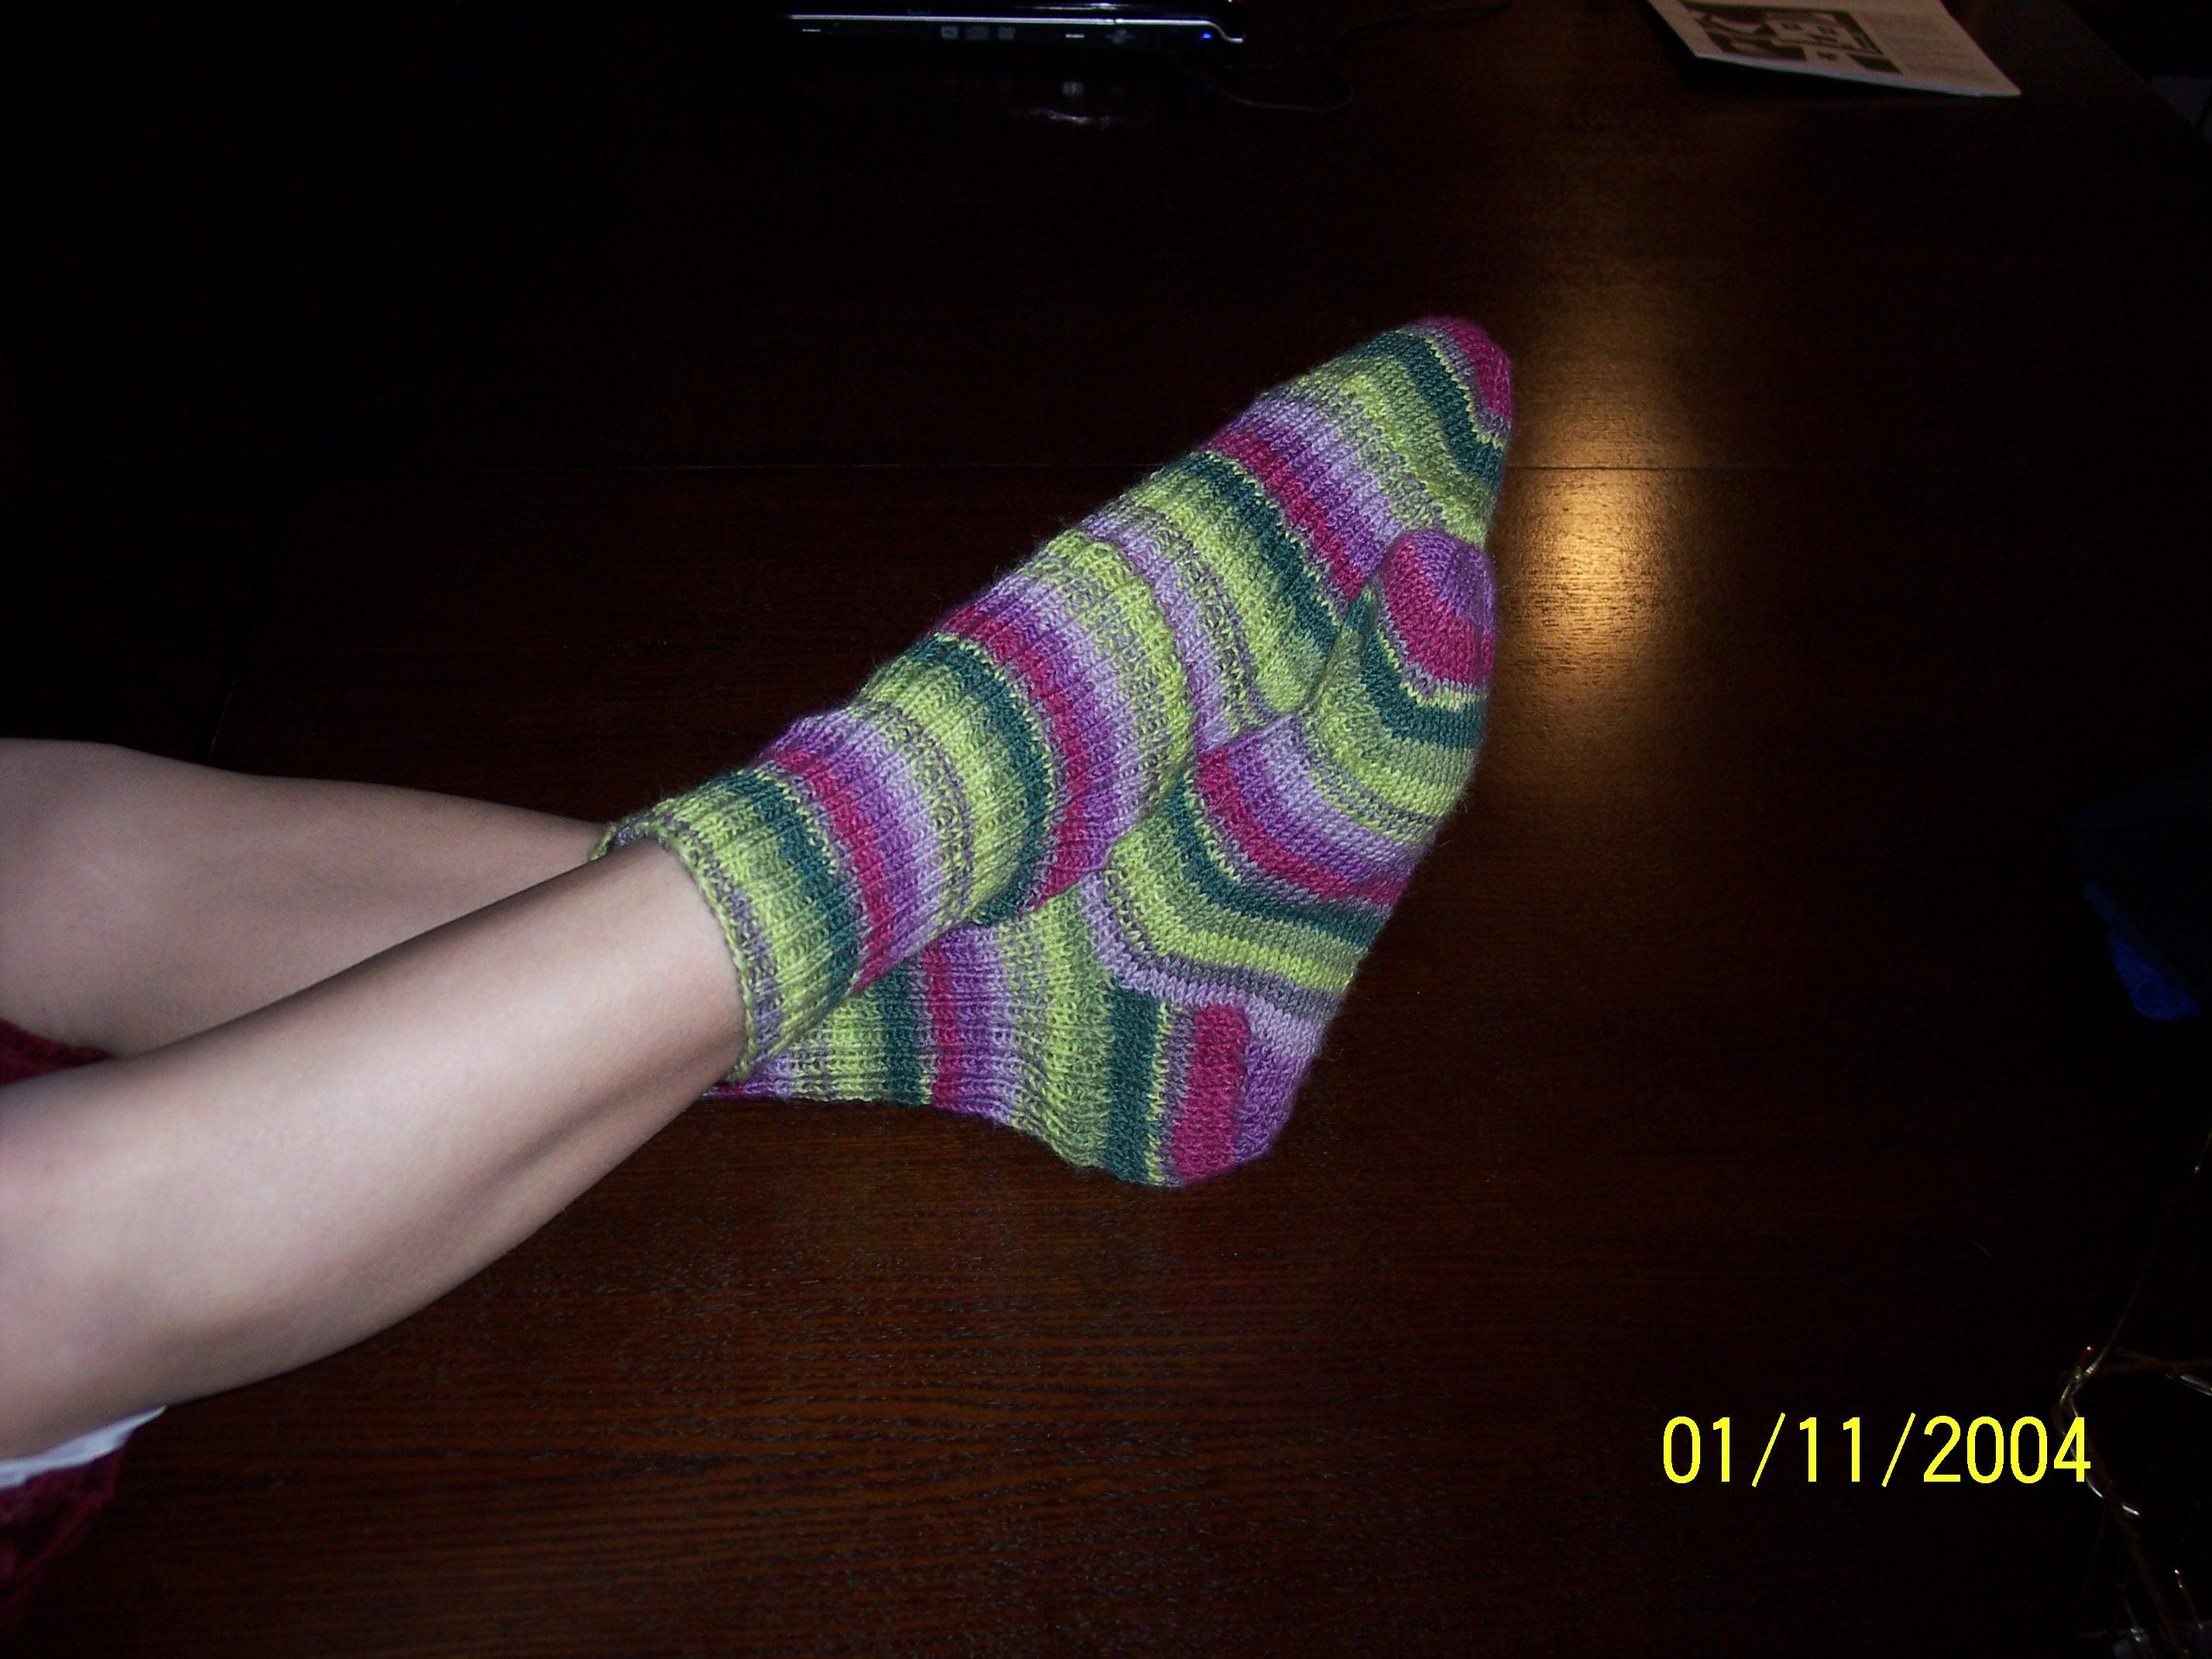 N modeling her new socks